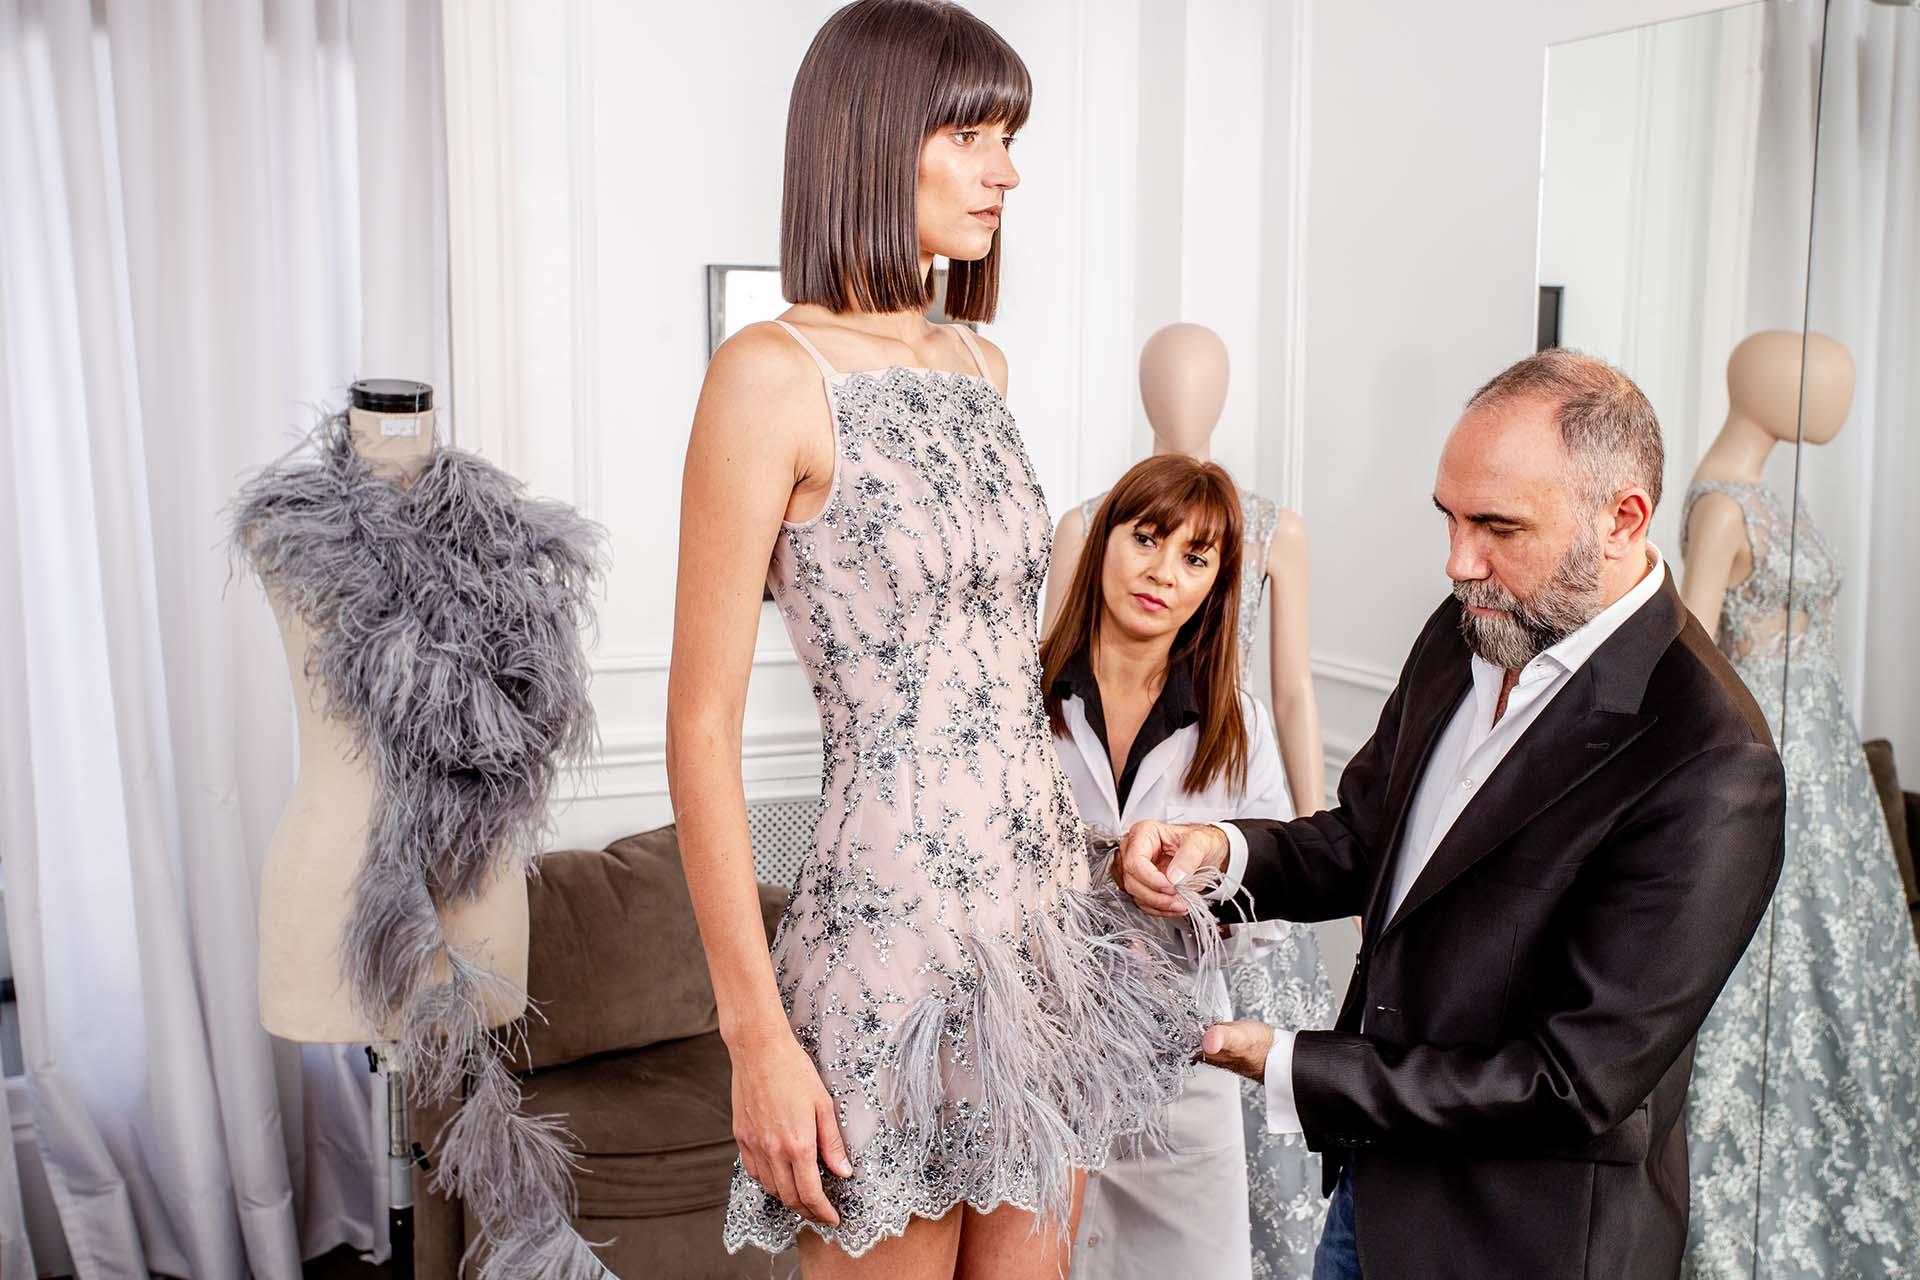 En vestido bordado totalmente a mano, Gabriel Lage aplica el detalle de plumas teñidas a tono.